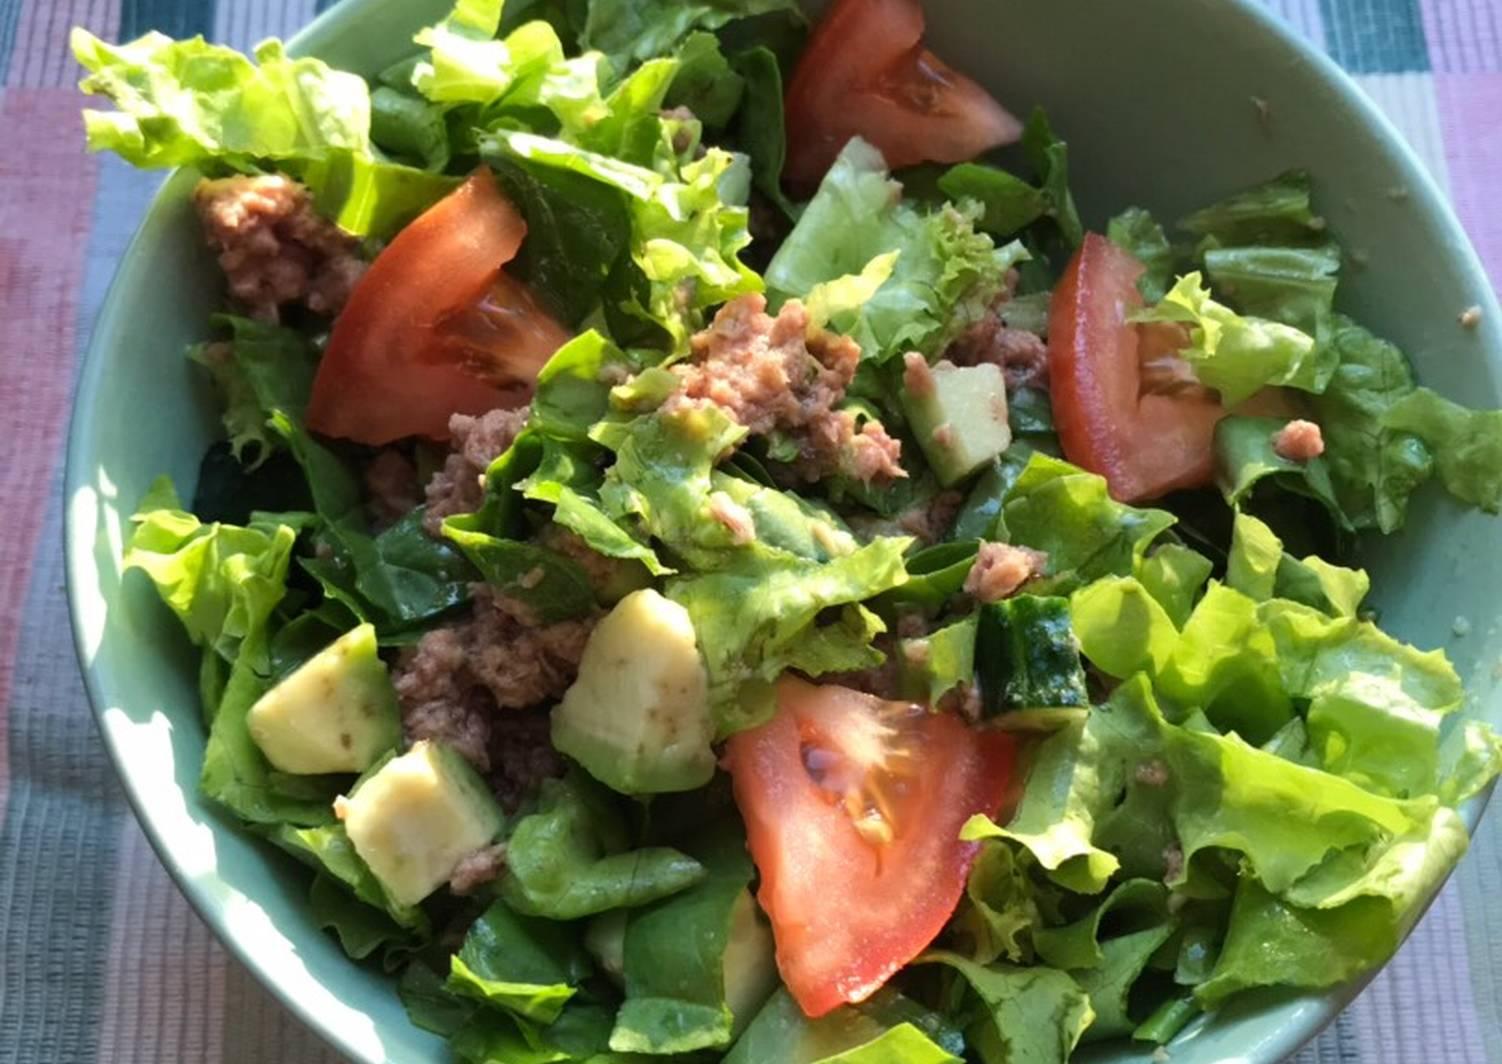 просто тунец салатный в масле рецепты с фото кем